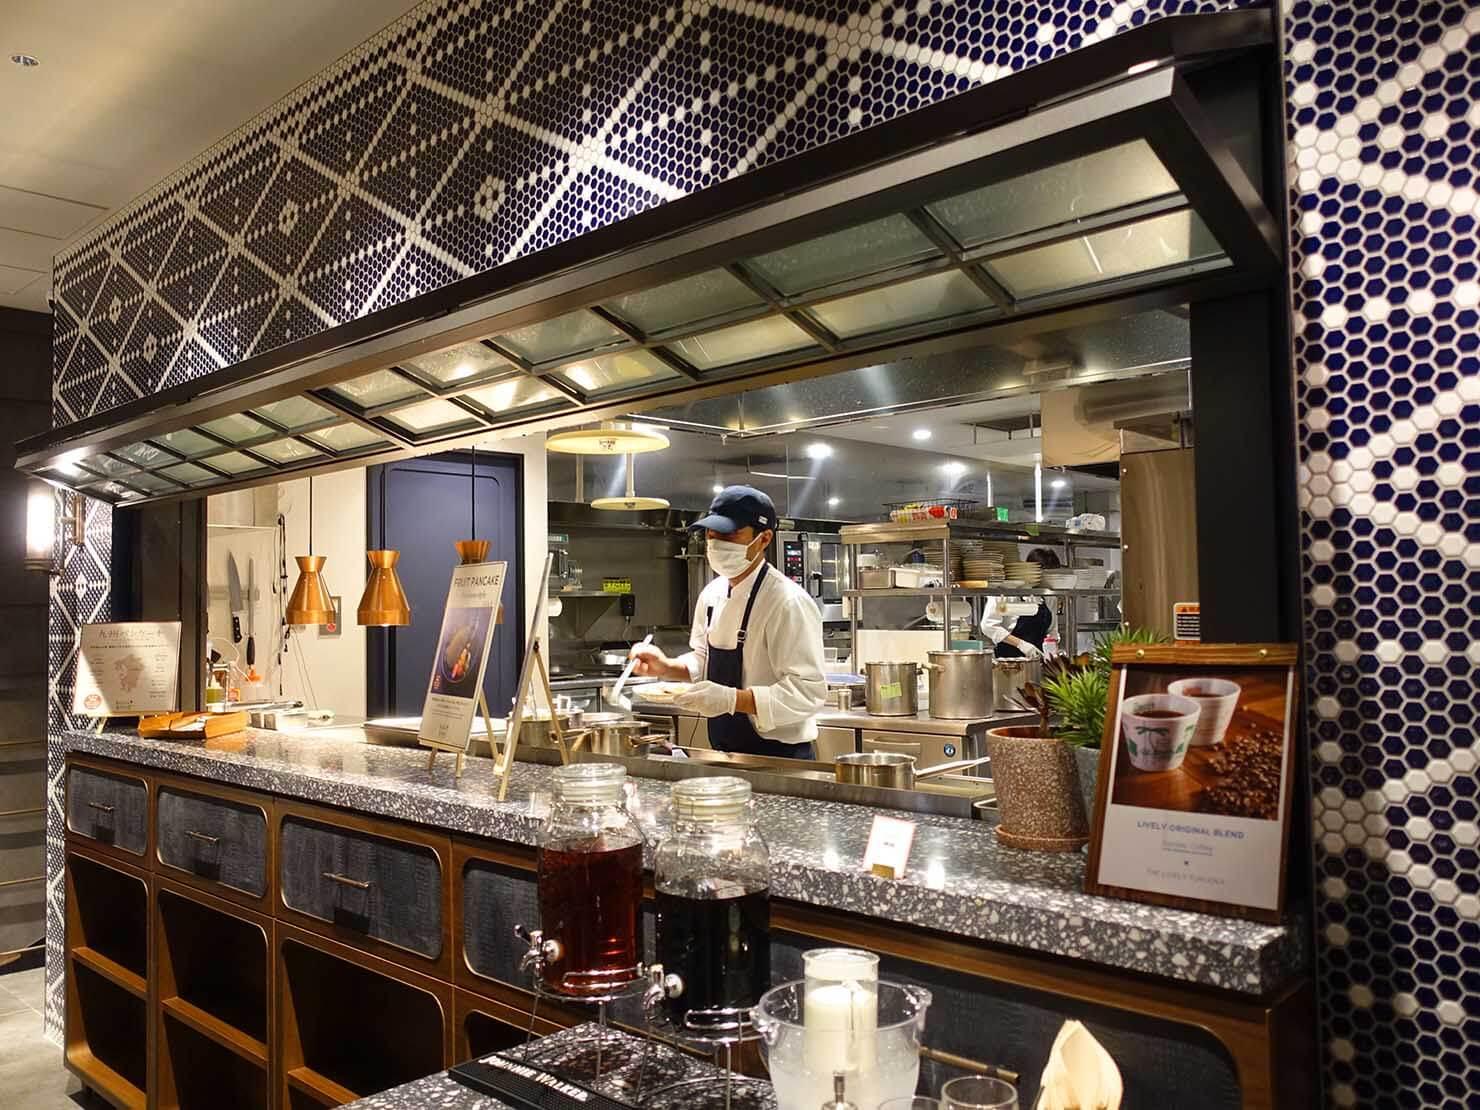 福岡・中洲川端にあるおしゃれなおすすめホテル「THE LIVELY」のレストラン・THE LIVELY KITCHENのパンケーキカウンター